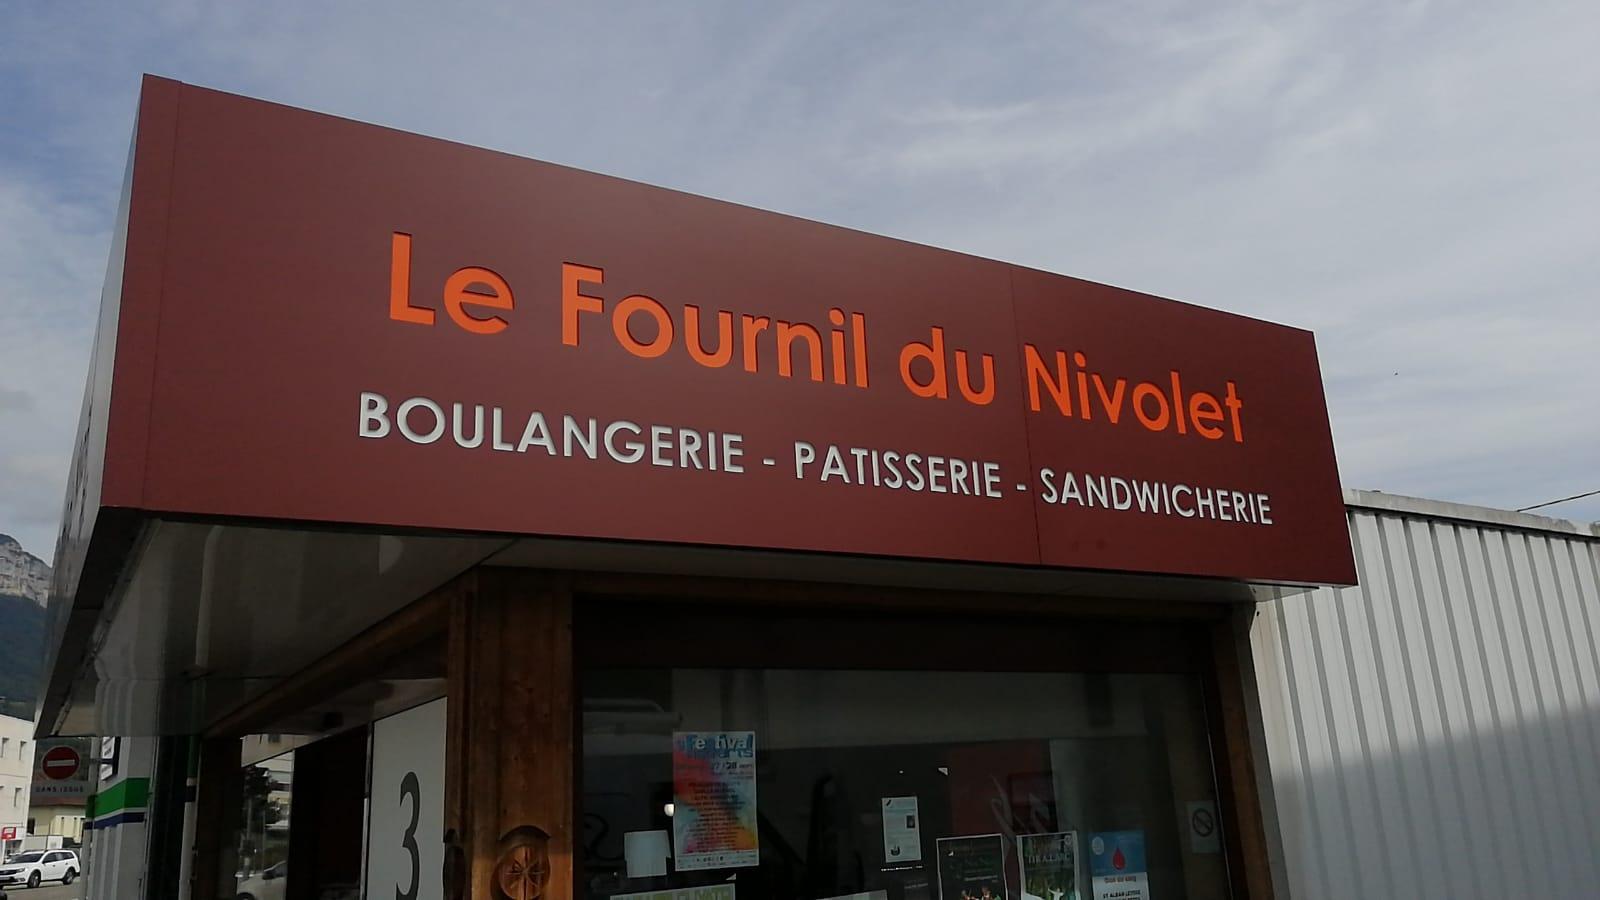 ENSEIGNE CAISSON ÉVIDÉ - LE FOURNIL DU NIVOLET - SAVOIE PUB